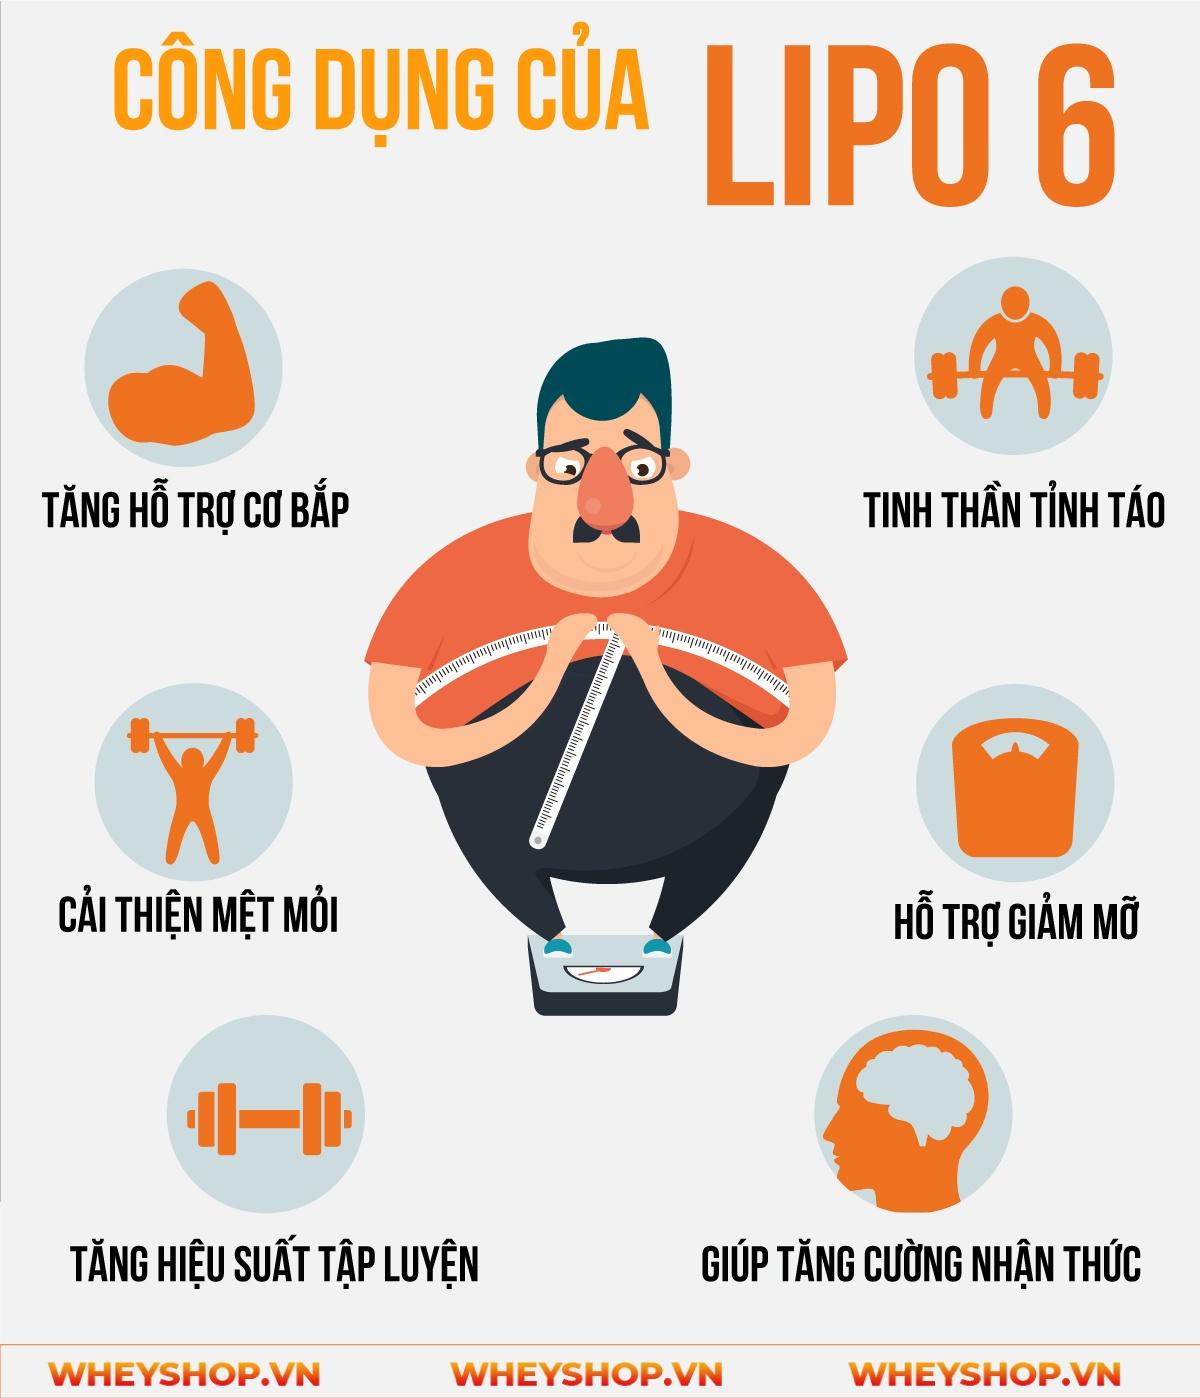 Lipo 6 tăng cường khả năng trao đổi chất cơ thể, giảm mỡ và giảm cân nhanh hơn, tăng sự tỉnh táo tập trung và giảm khả năng thèm ăn